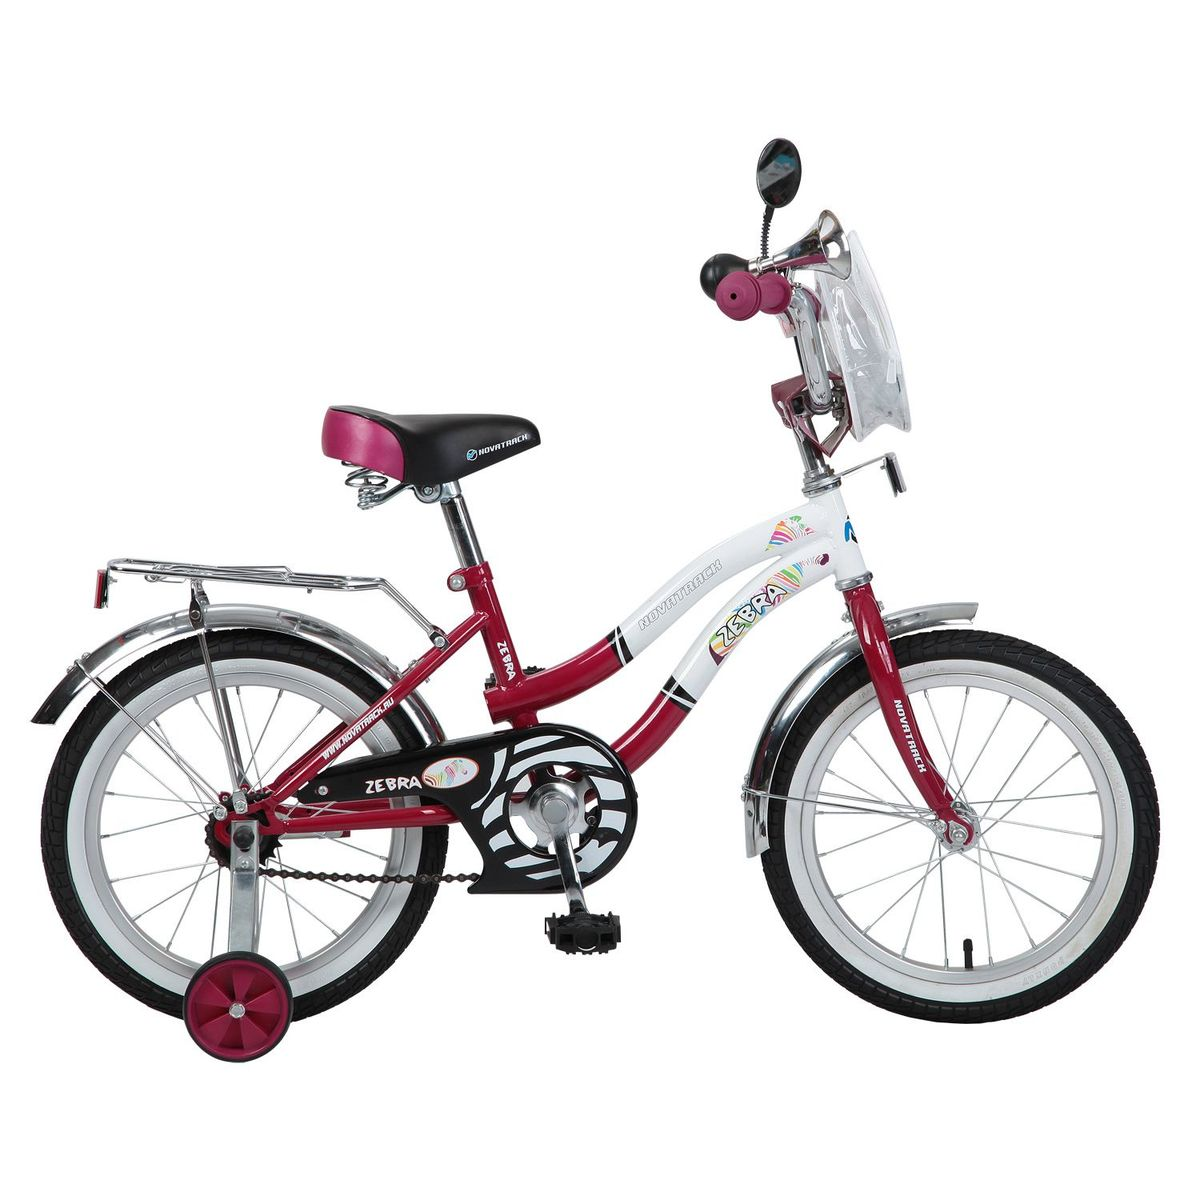 Велосипед детский Novatrack Zebra 16, цвет: бордовый, белыйS5477CВелосипед Novatrack Zebra c 16-дюймовыми колесами это надежный велосипед для ребят от 5 до 7 лет. Данная модель специально разработана для начинающих велосипедистов дополнительные колеса, которые можно будет снять, когда ребенок научится держать равновесие, блестящий багажник для перевозки игрушек, надежный ножной тормоза, защита цепи от попадания одежды в механизм - все это сделает каждую поездку юного велосипедиста комфортной и безопасной. Маленькому велосипедисту, будь то мальчик или девочка, обязательно понравятся блестящий звонок и зеркальце заднего вида, которые установлены на руле велосипеда. Высота сидения и руля регулируются, поэтому велосипед прослужит ребенку не один год.